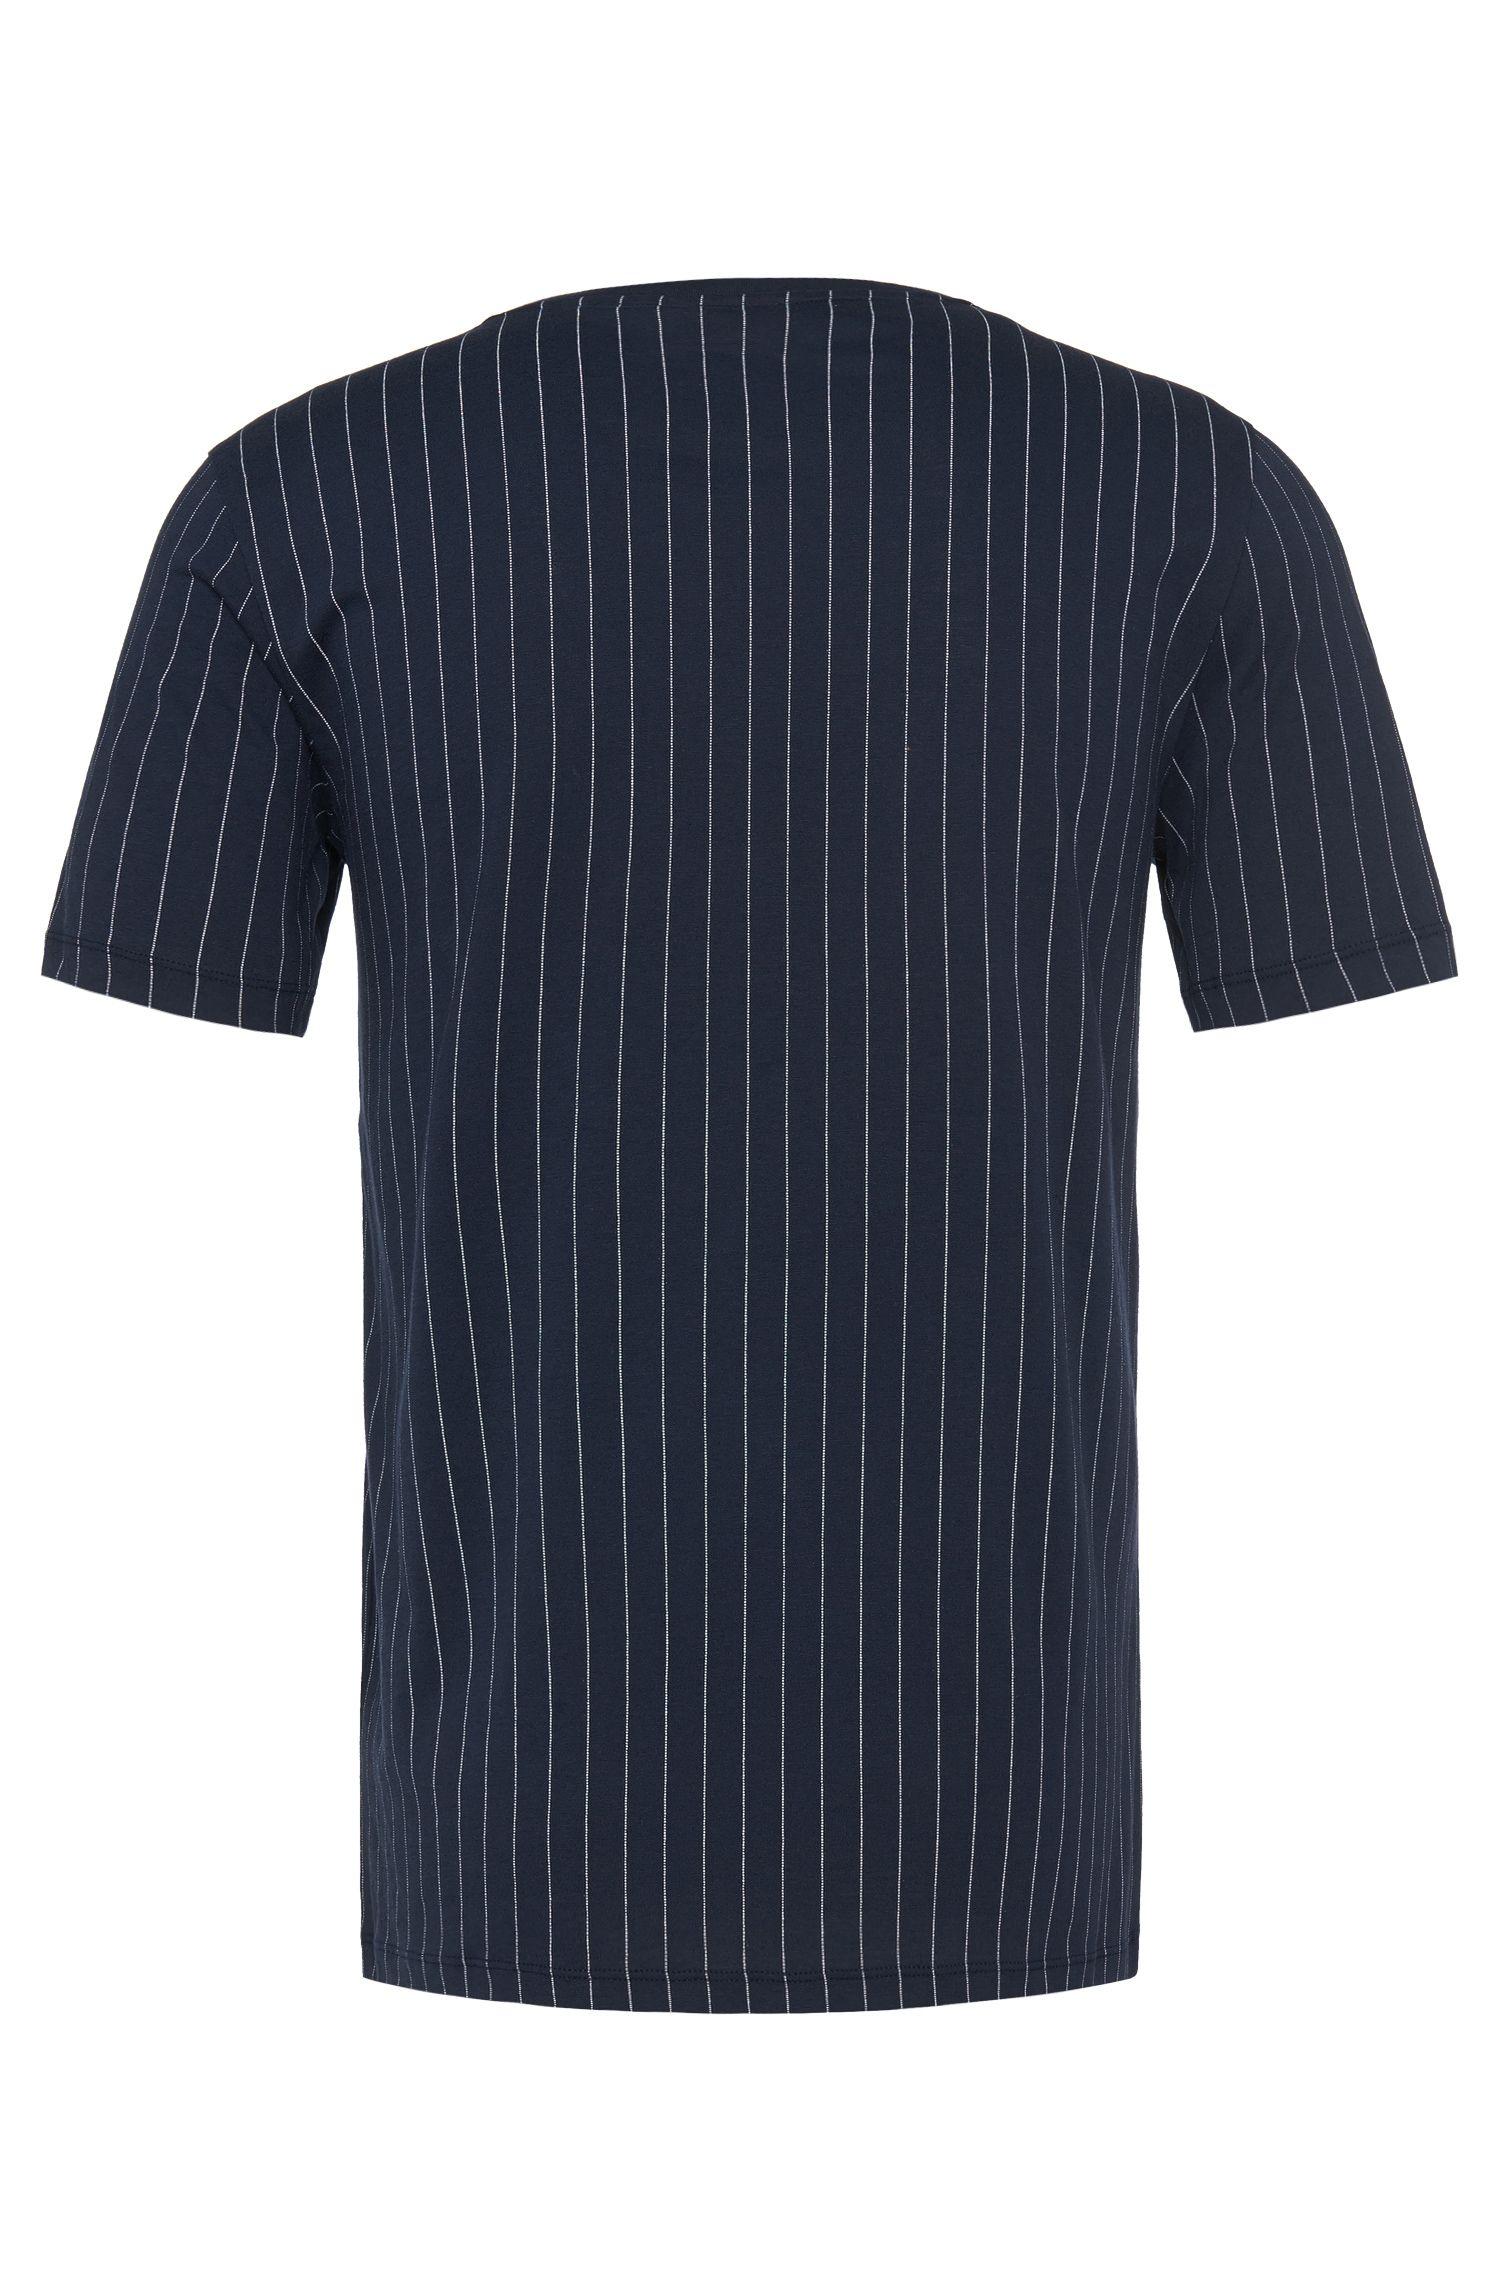 T-shirt Loose Fit en coton à rayures: «Dineliner»